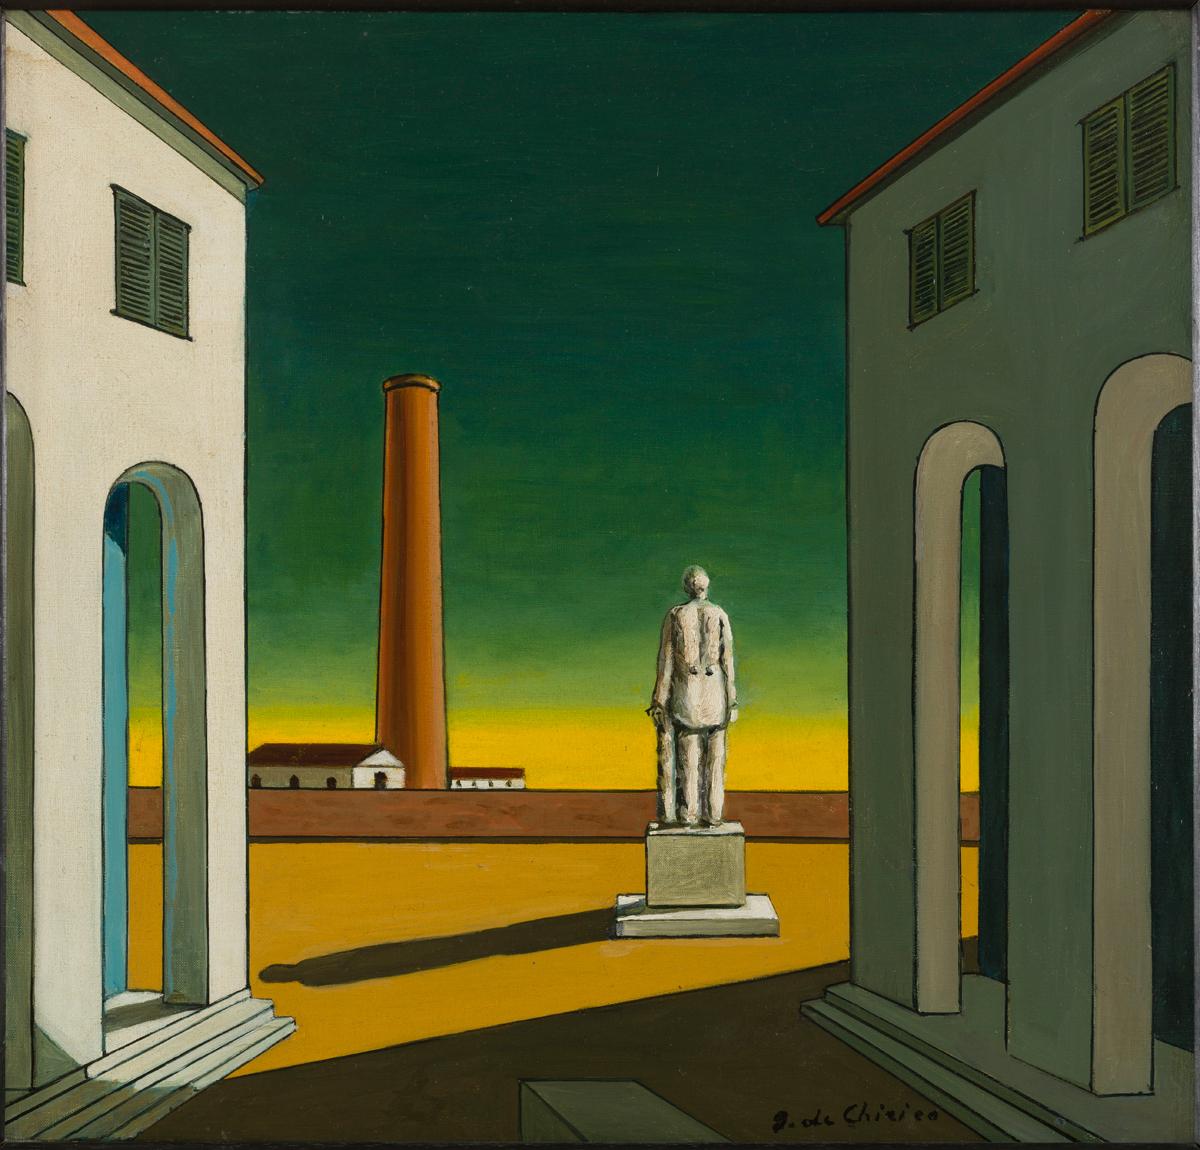 Giorgio de Chirico, Place d'Italie avec statue, ca 1965-1970, huile sur toile, 40 x 41,5 cm, Musée d'Art moderne de la Ville de Paris © Musée d'Art Moderne/Roger-Viollet Photo:©Tate, London 201 © SABAM Belgium 2019